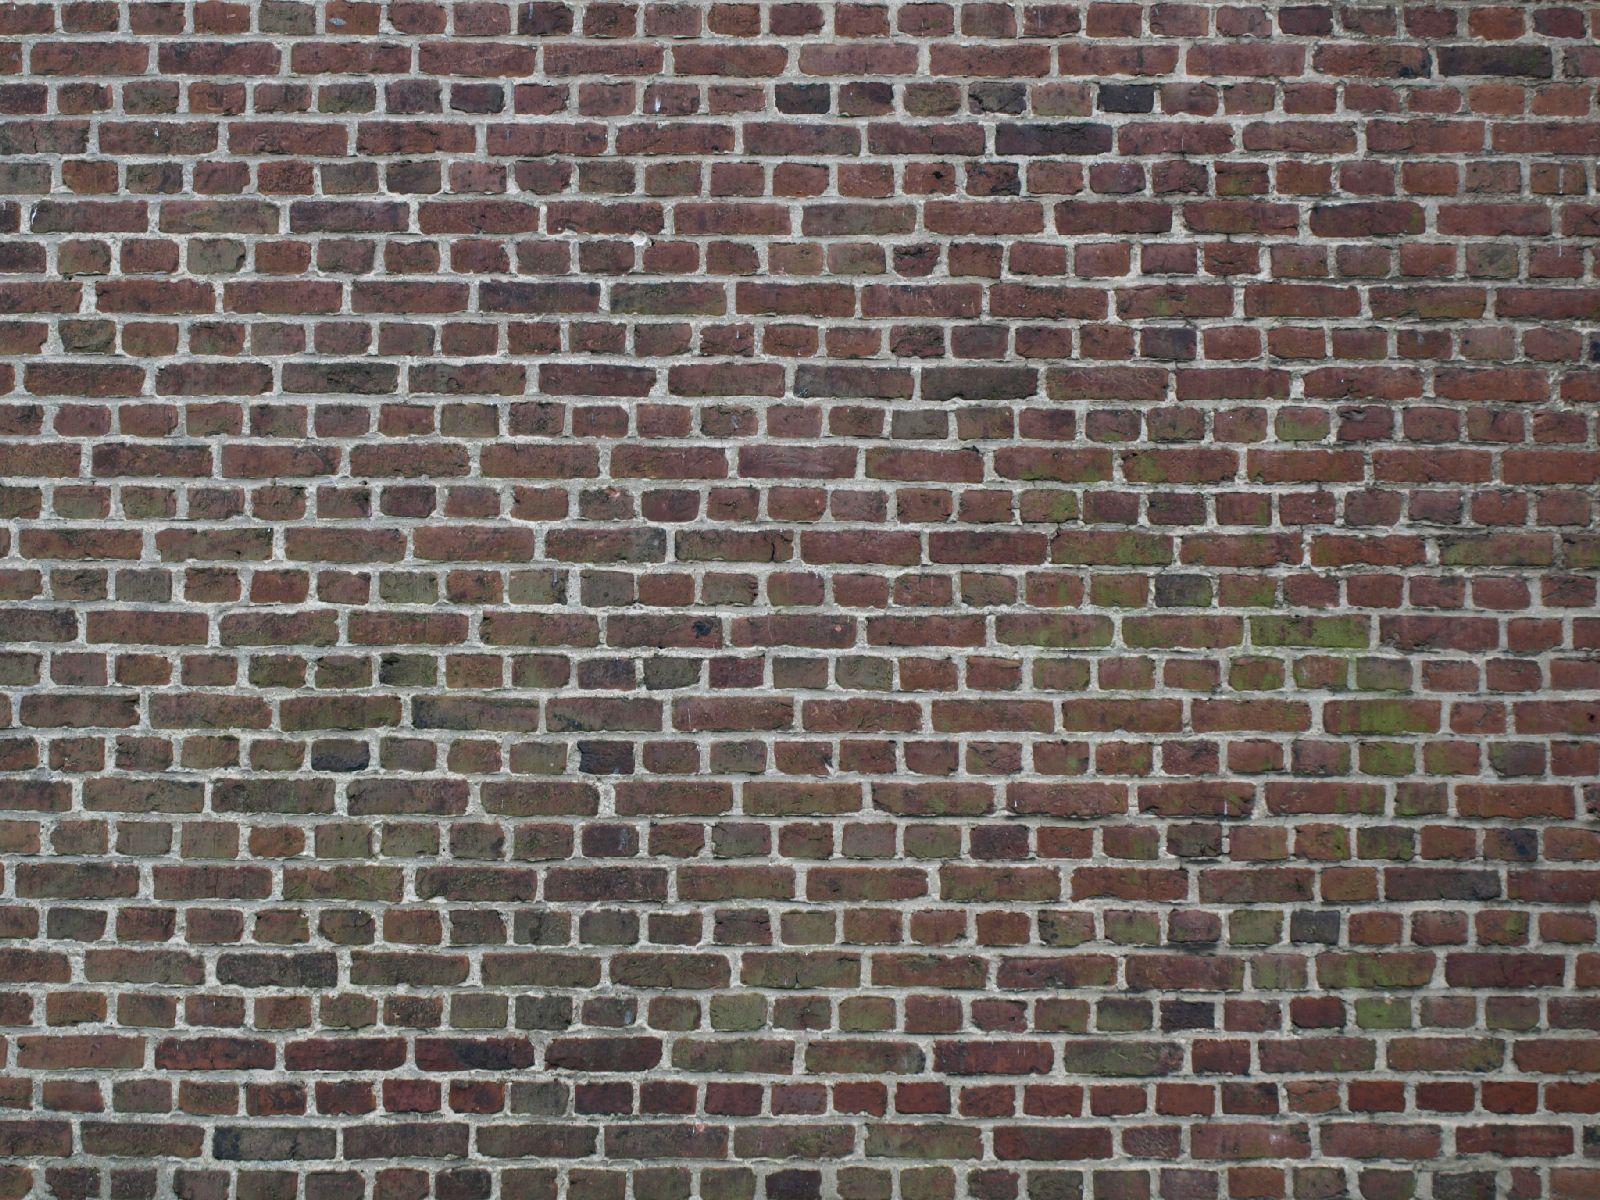 Brick_Texture_A_P6063263